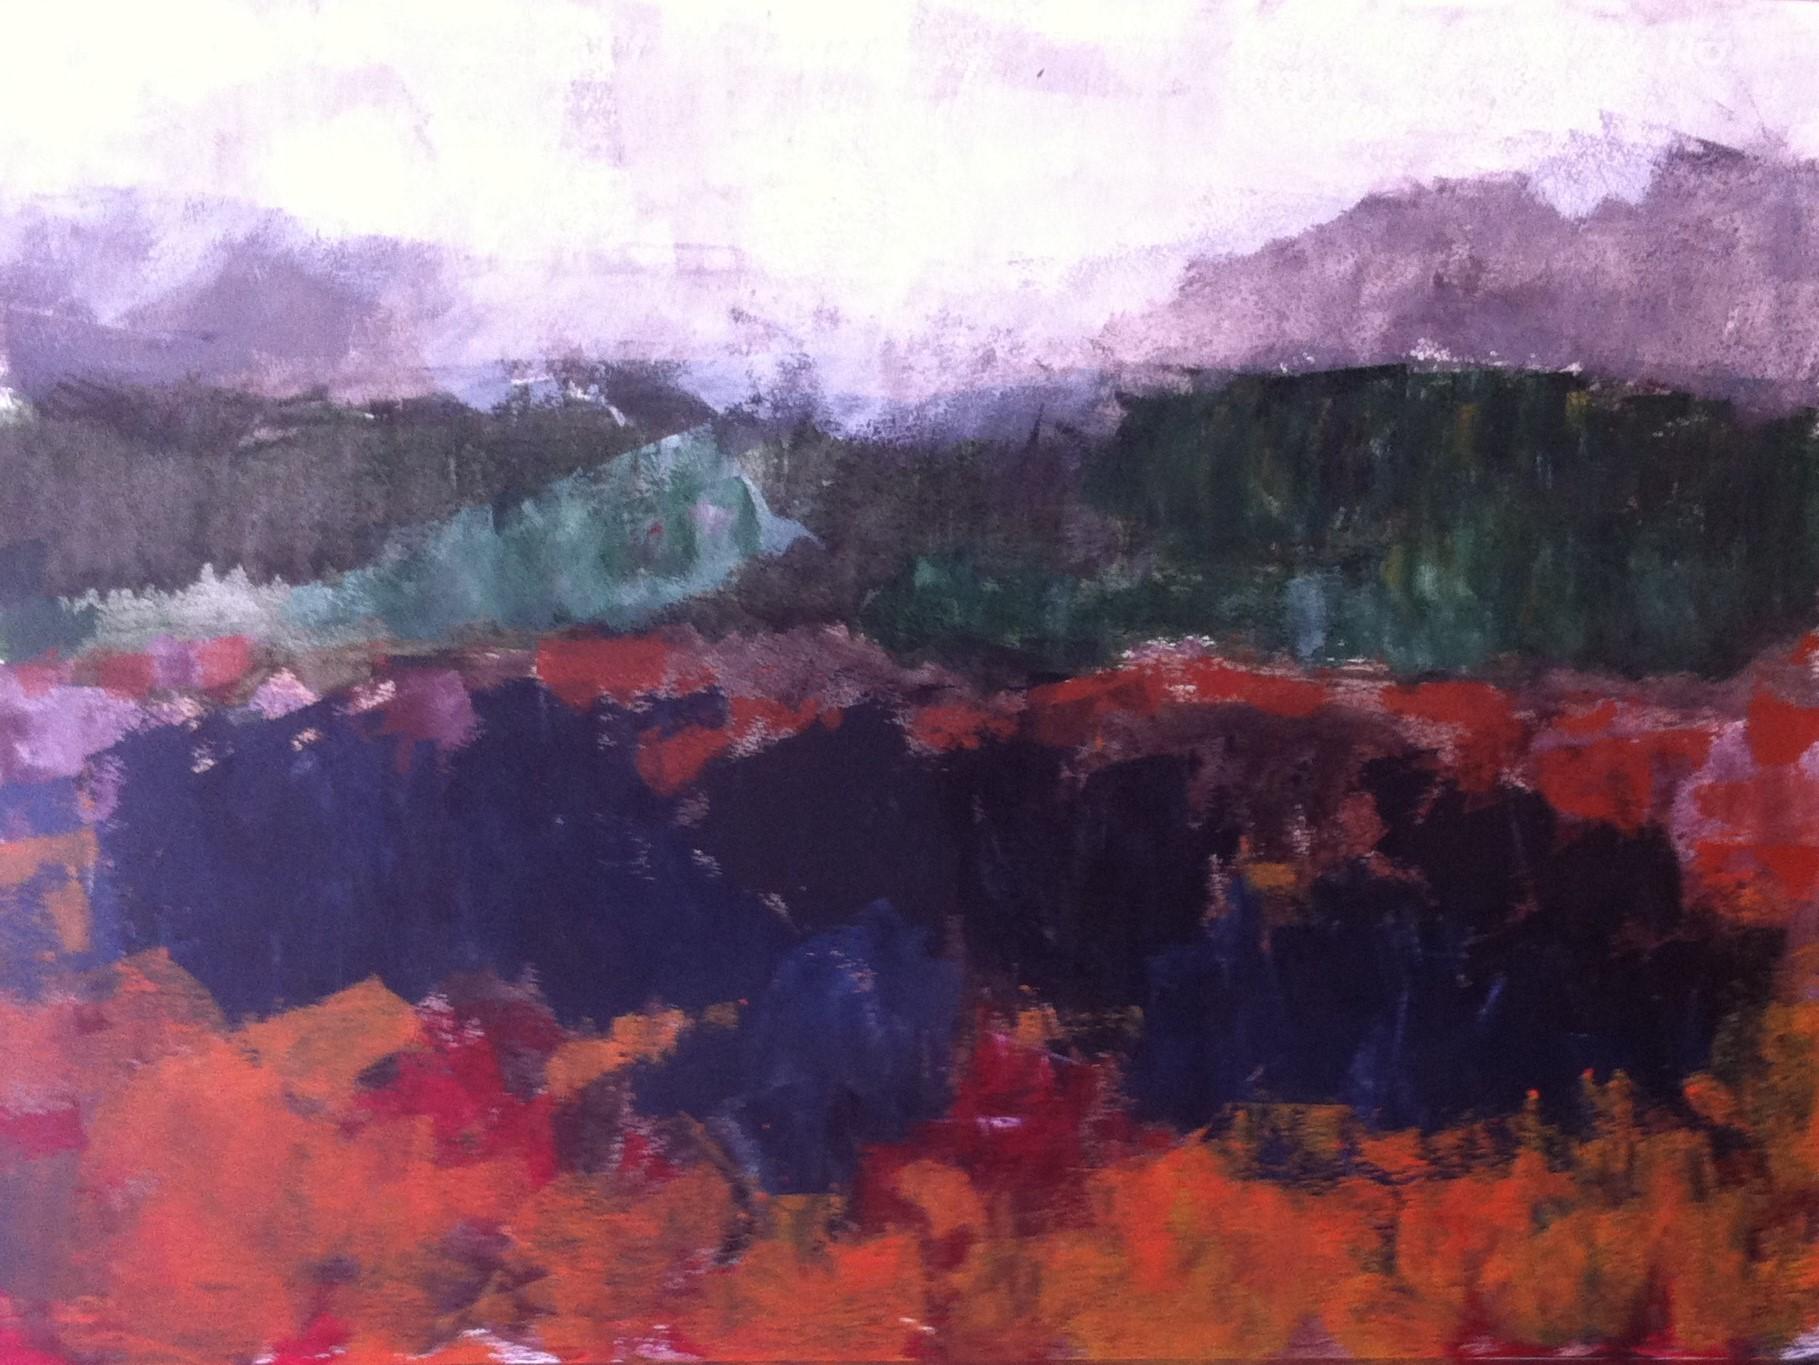 N°511 - Forêt flamboyante - Acrylique sur papier - 67 x 76 cm - 22 juillet 2013